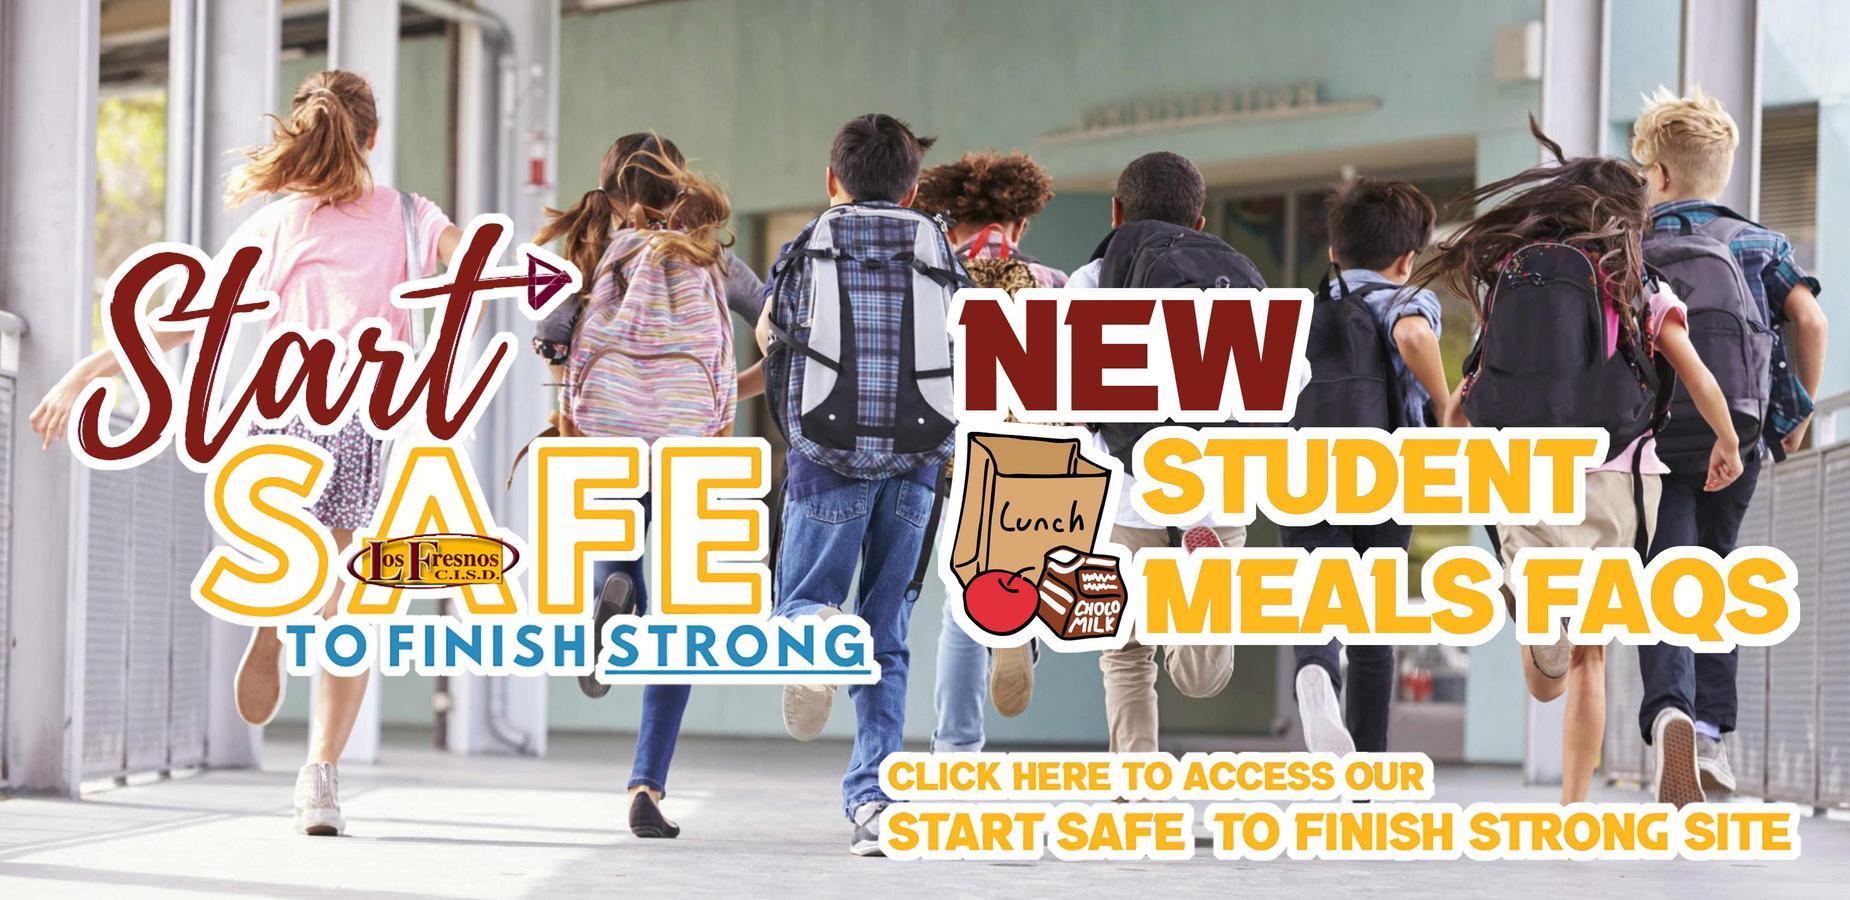 New Start Safe Banner